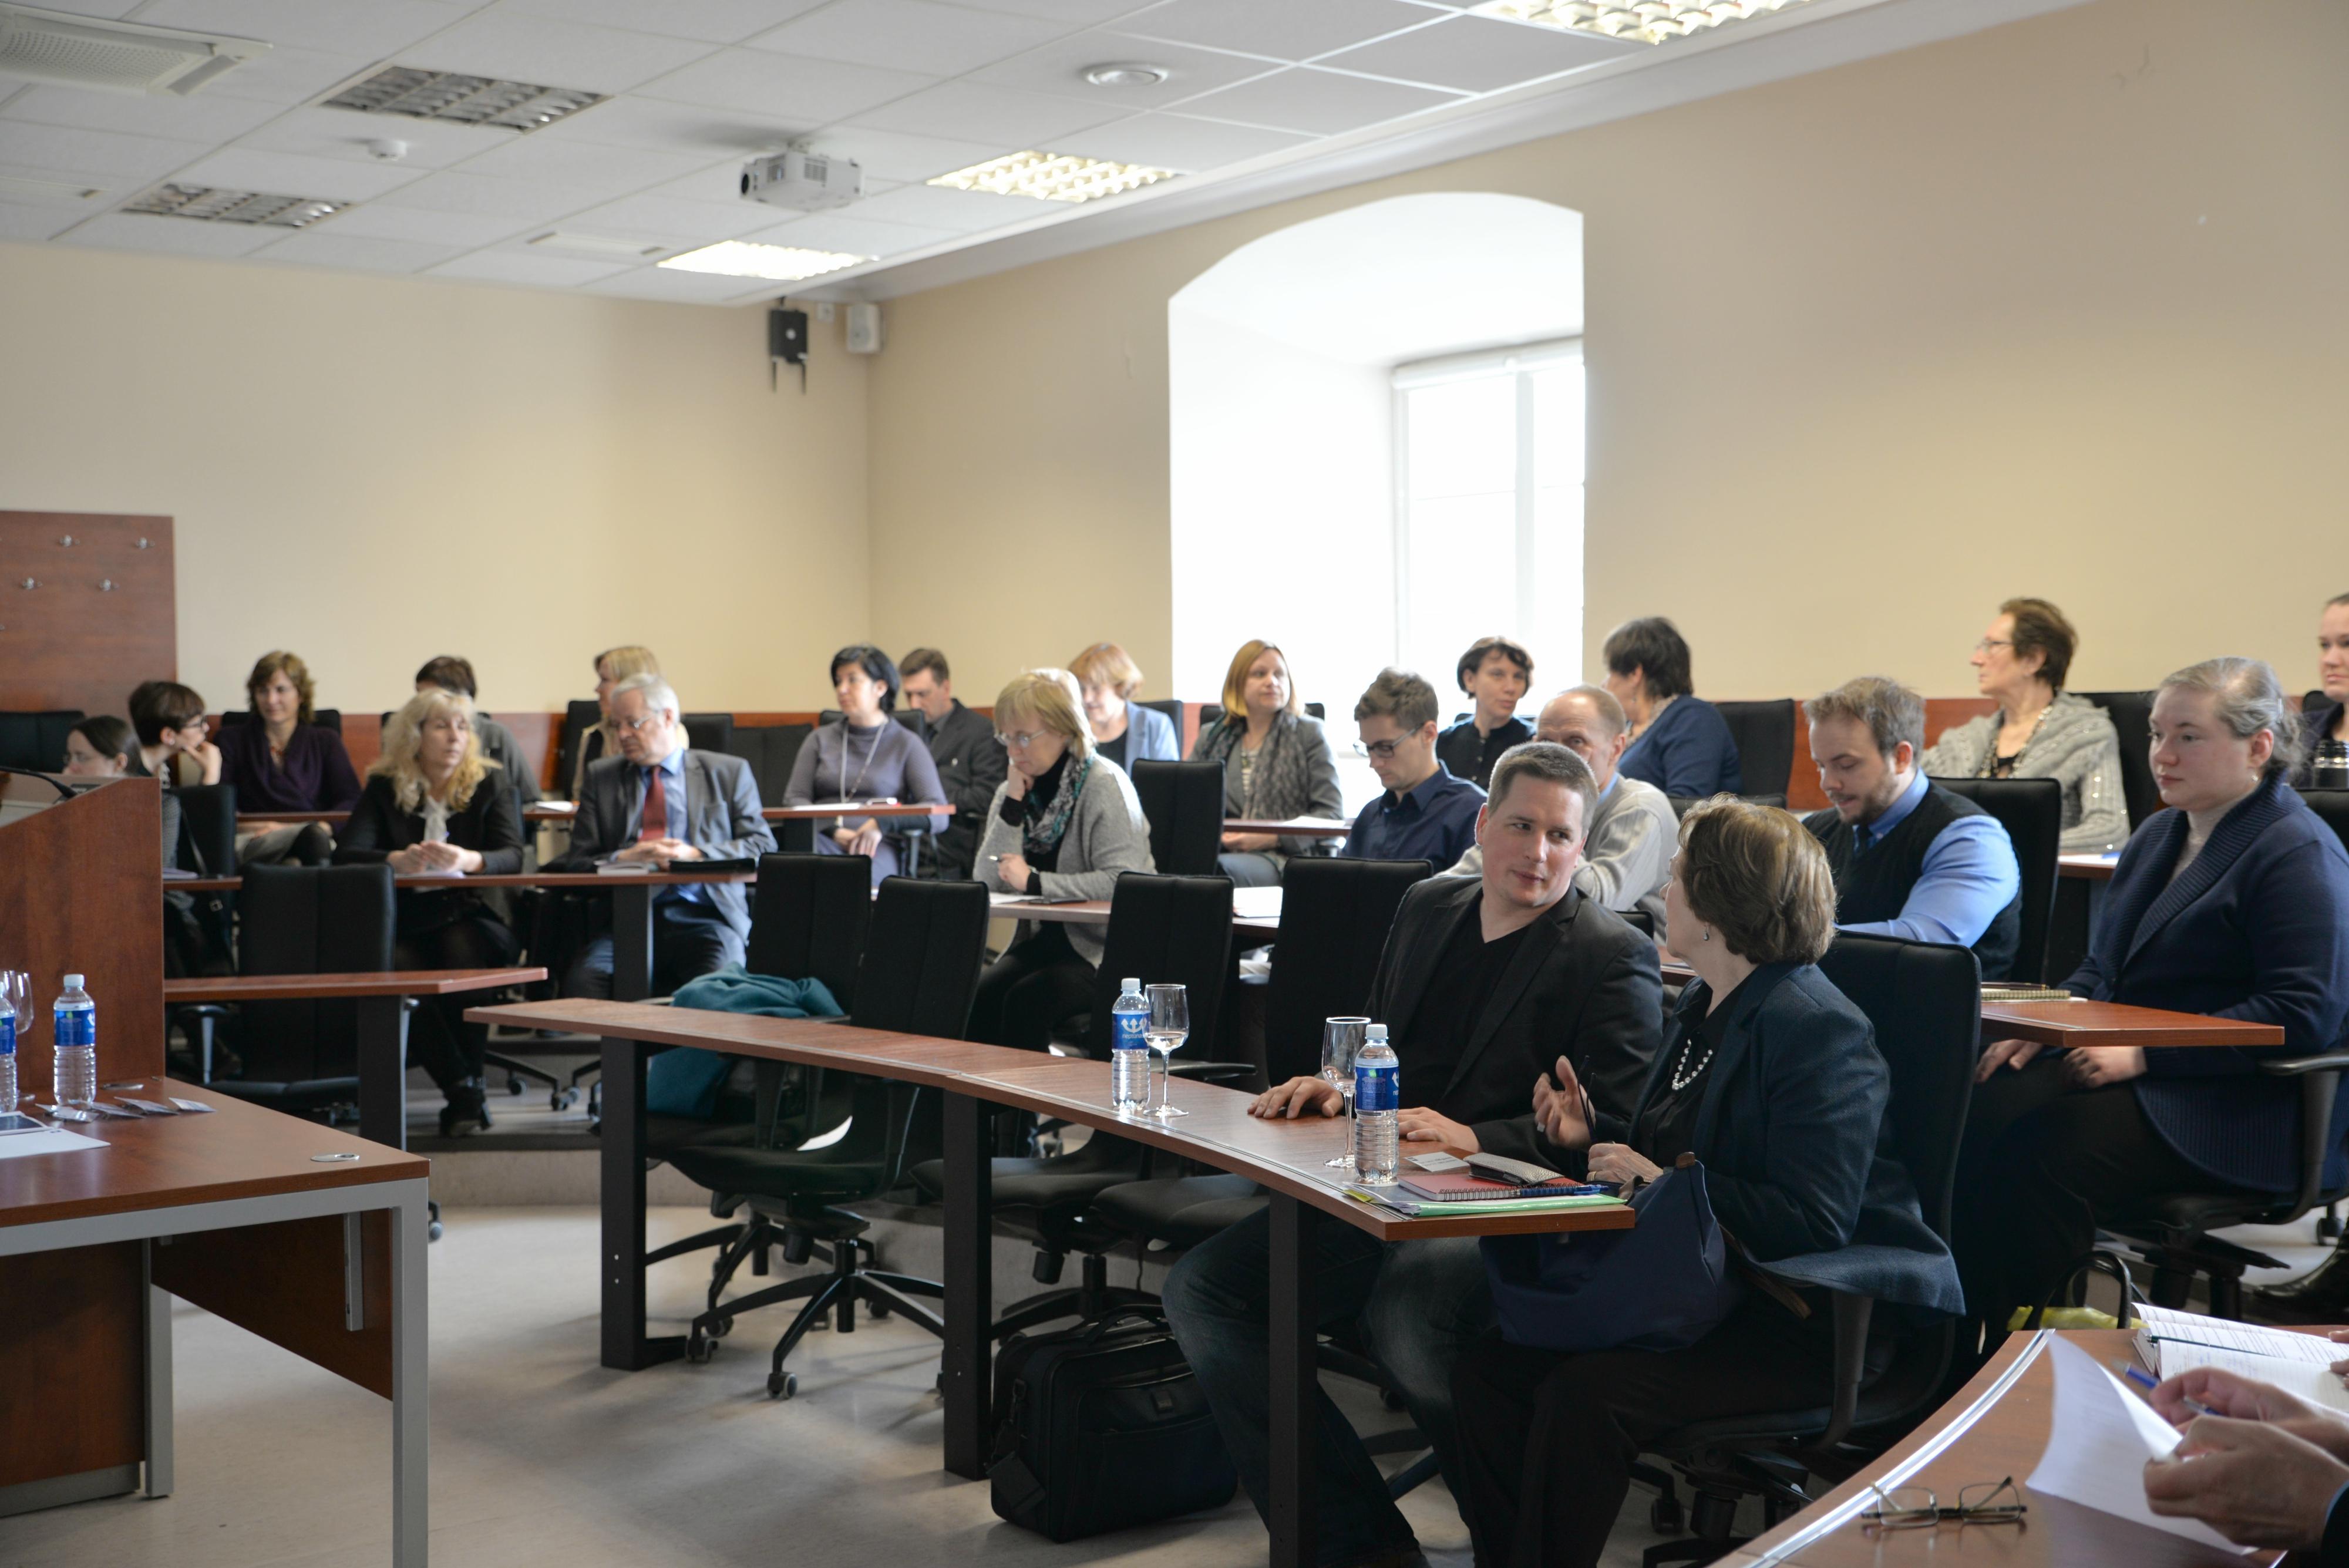 Recenzavimo kokybė, diskusija 2017, bendra nuotrauka